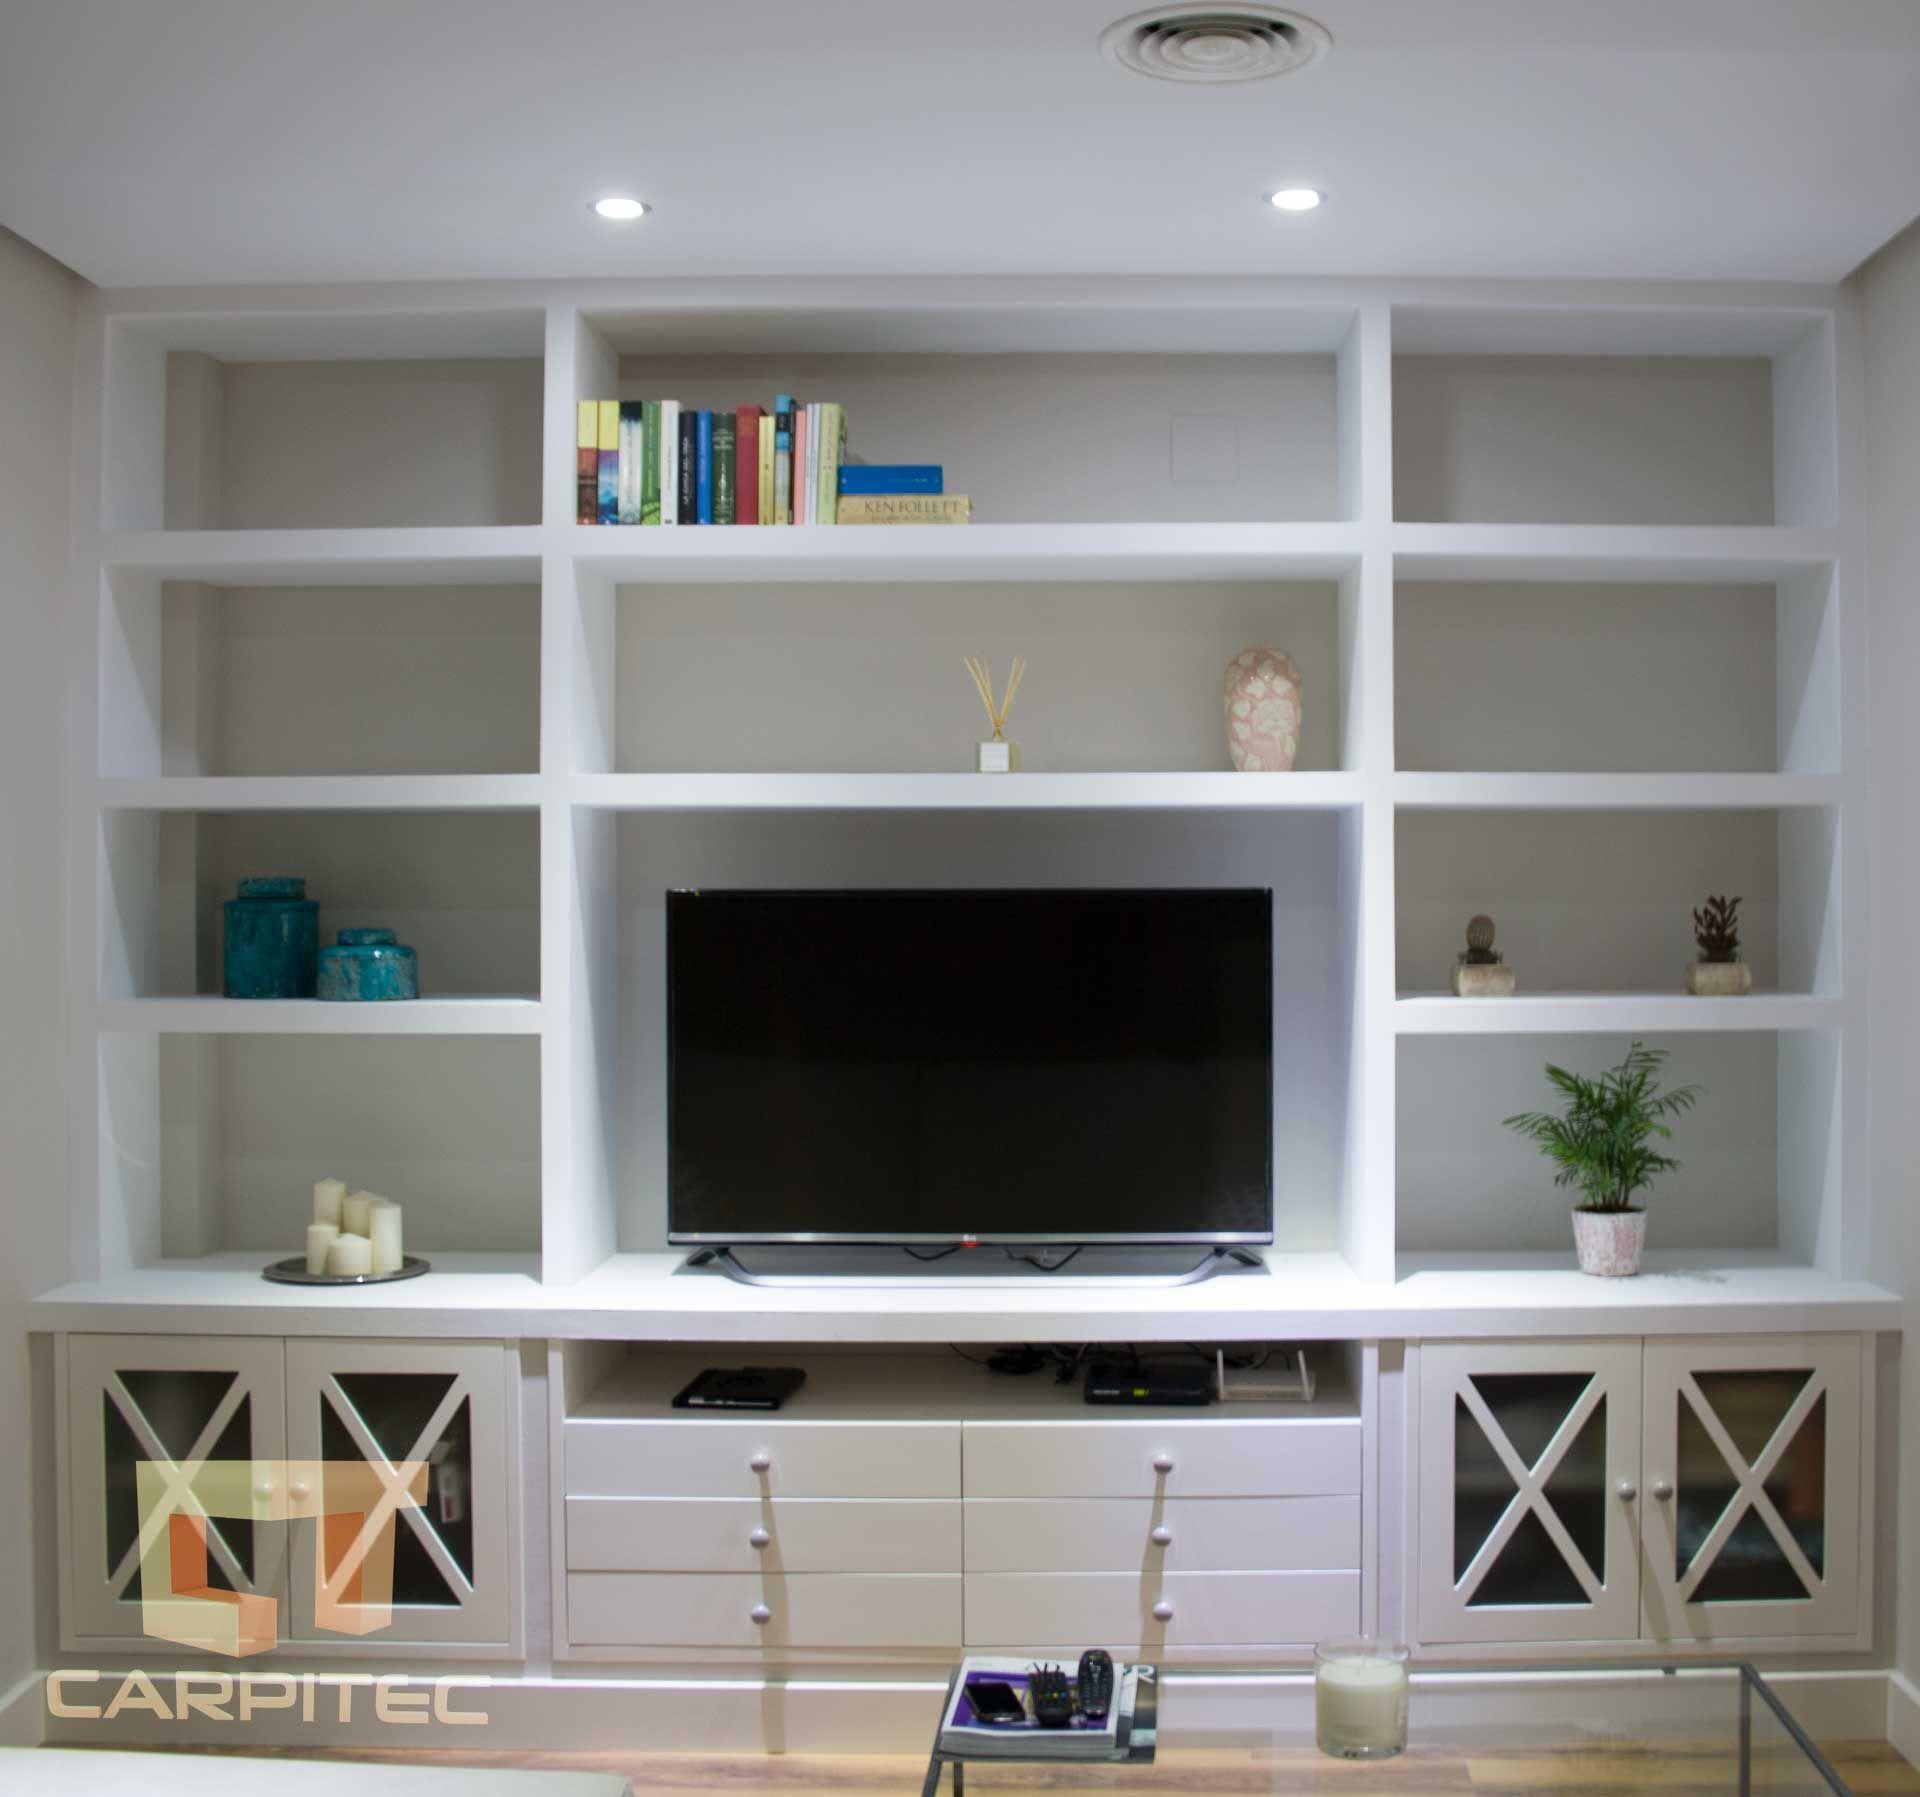 Mueble estantera para saln en pladur y madera lacada en